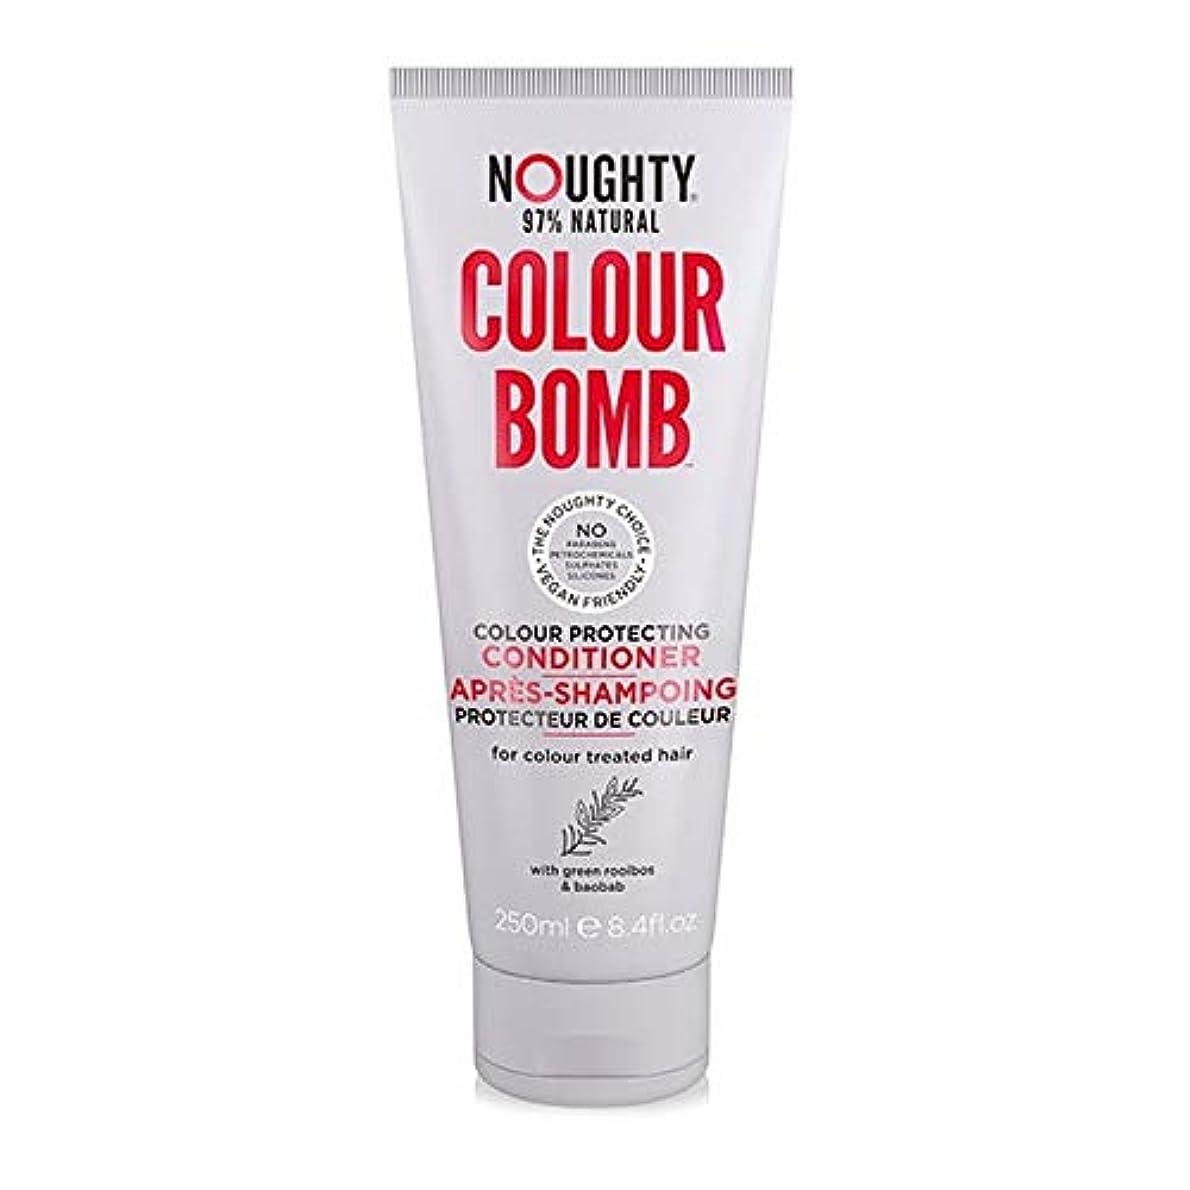 無視する日没懺悔[Noughty] コンディショナー250Mlを保護Noughtyカラー爆弾の色 - Noughty Colour Bomb Colour Protecting Conditioner 250ml [並行輸入品]